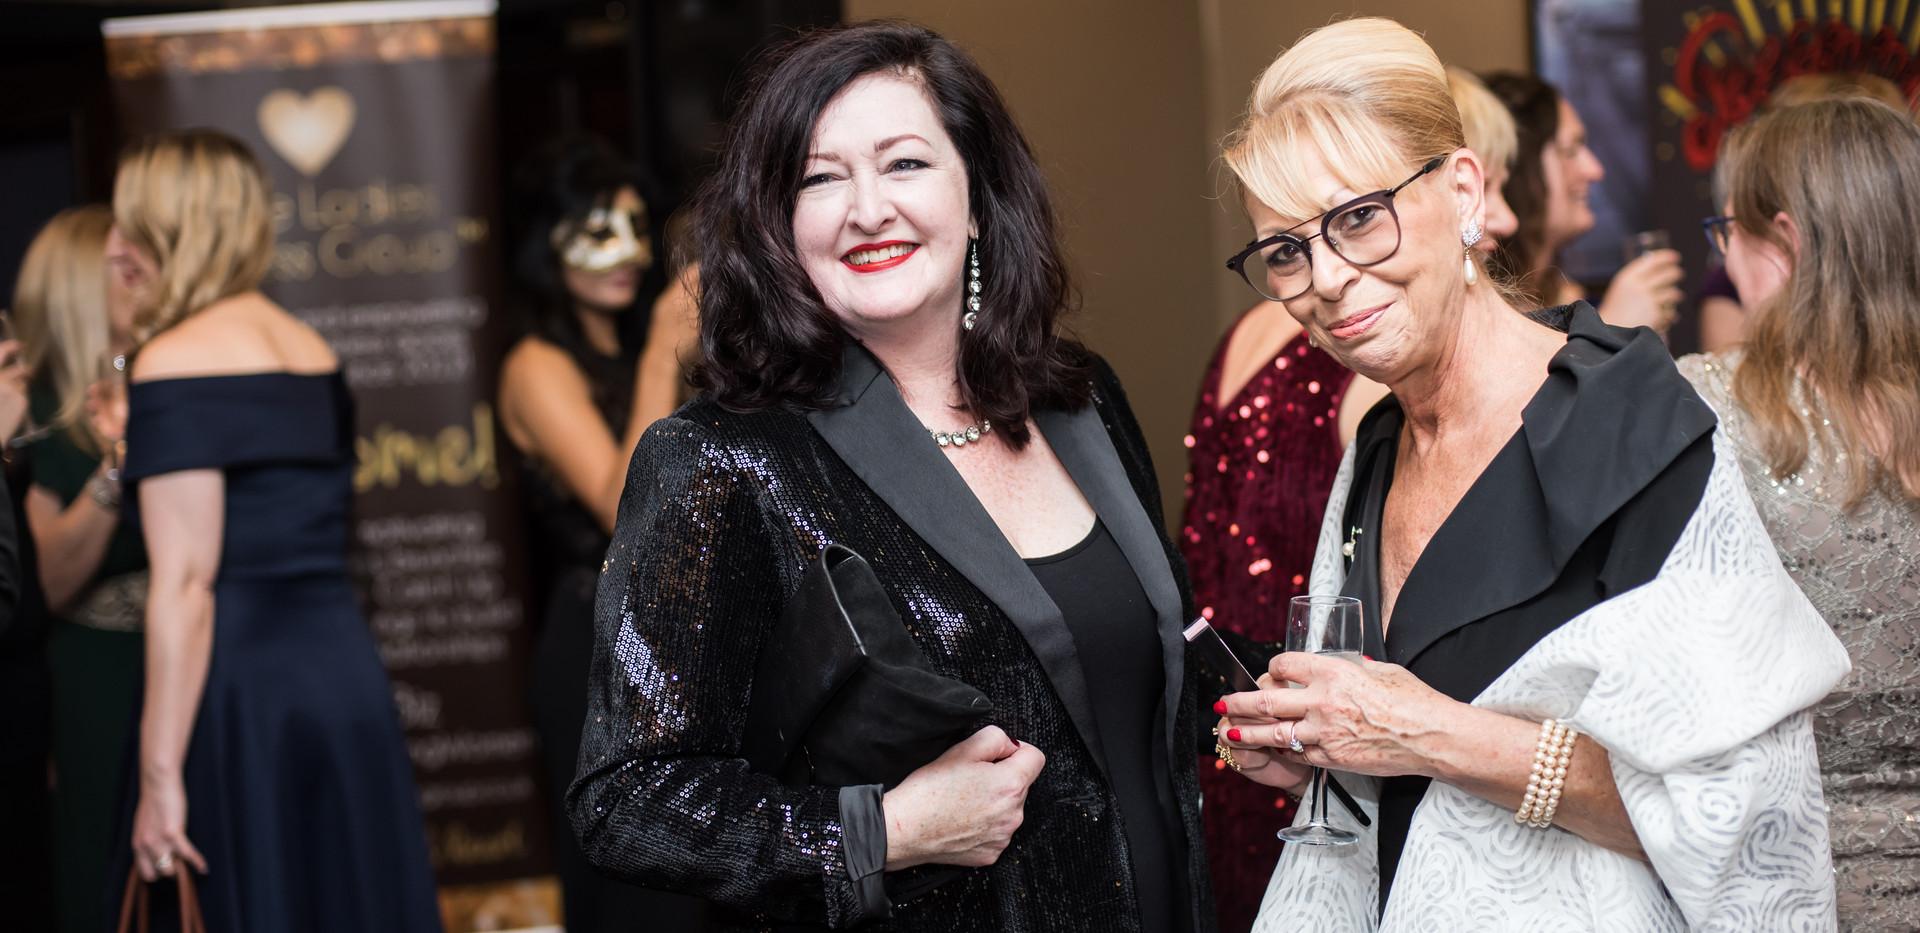 #LoveBiz Awards 2019